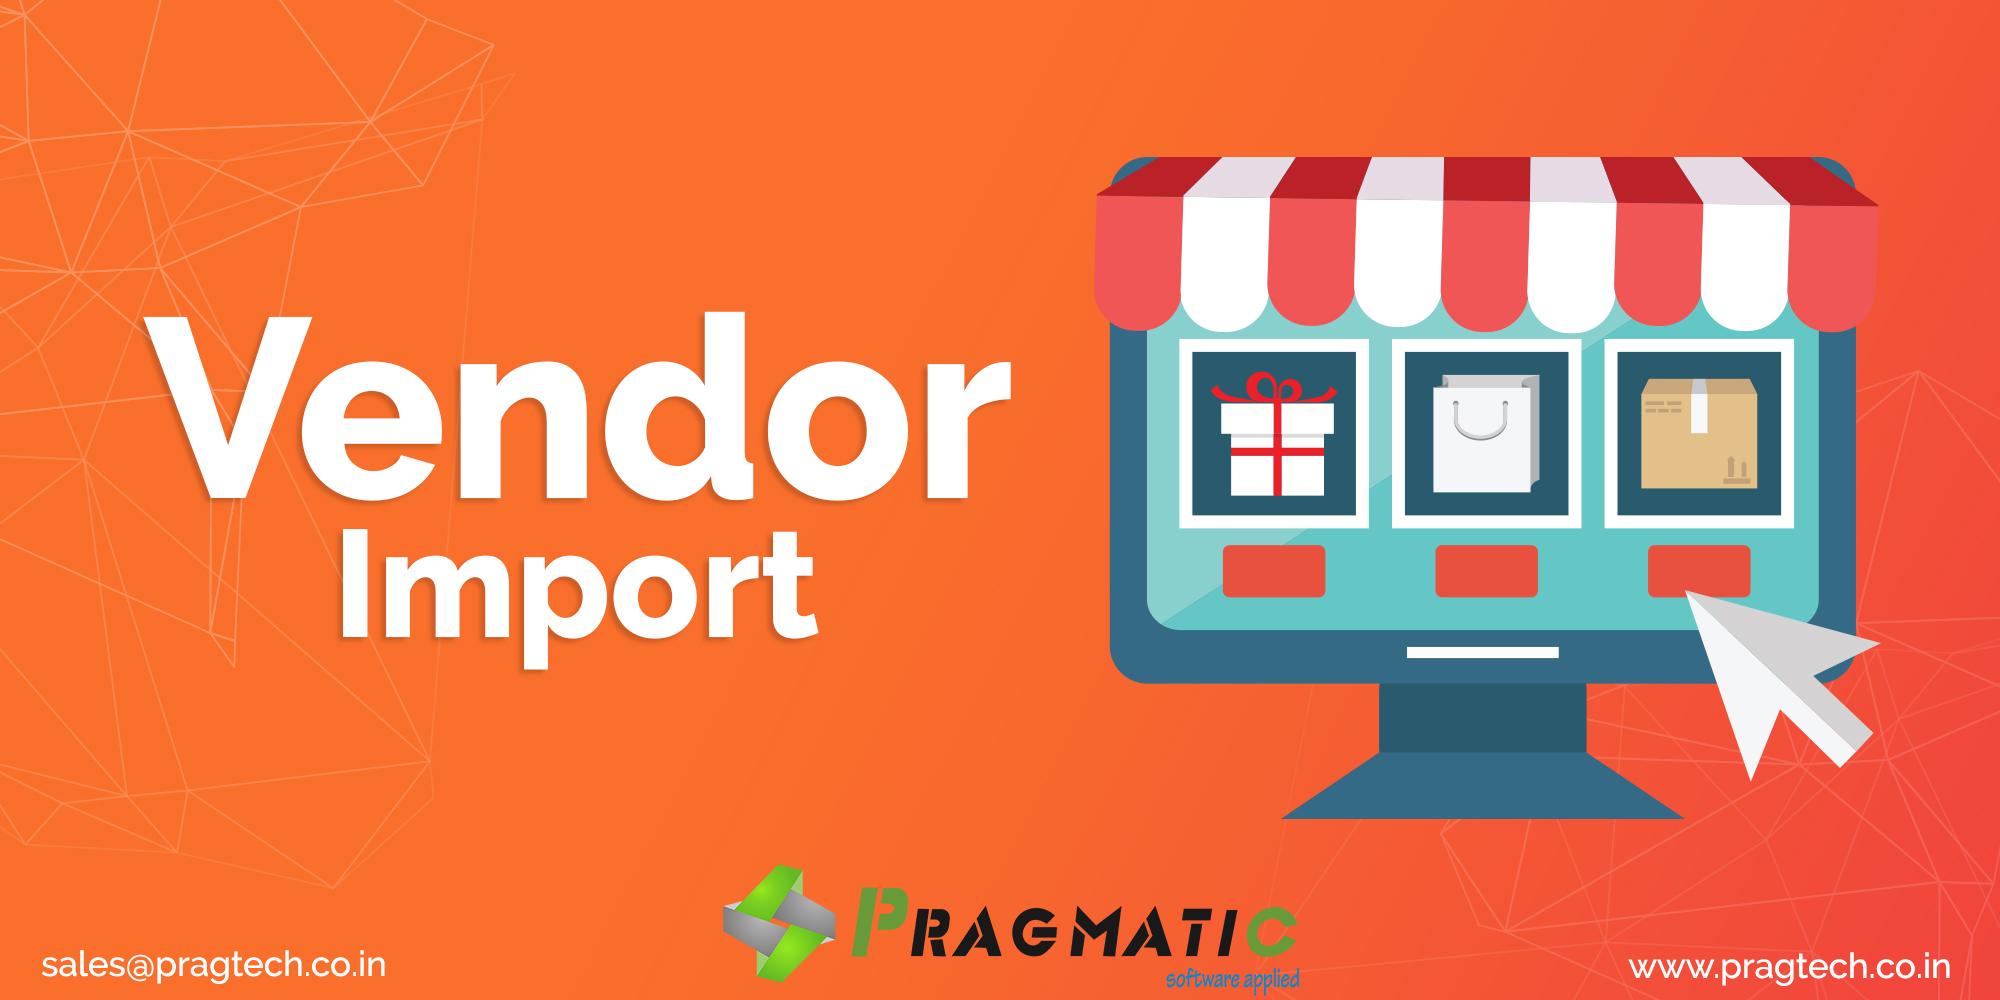 Vendor Import